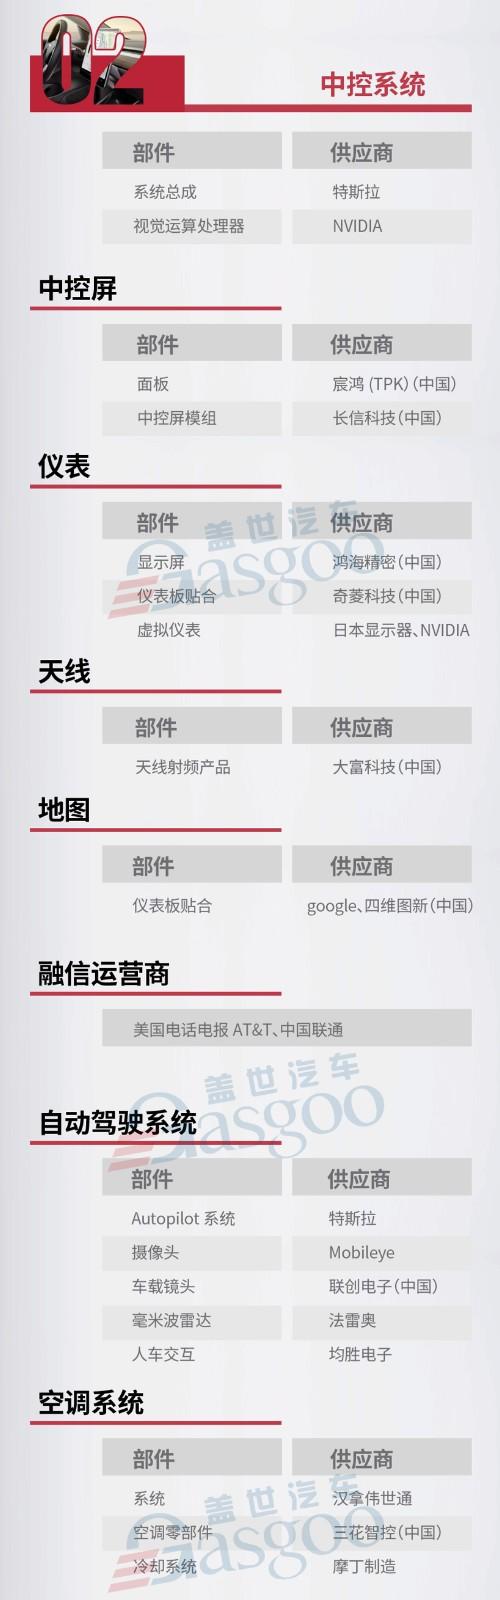 特斯拉Model 3配套供应商一览 哪些部件将国产化?